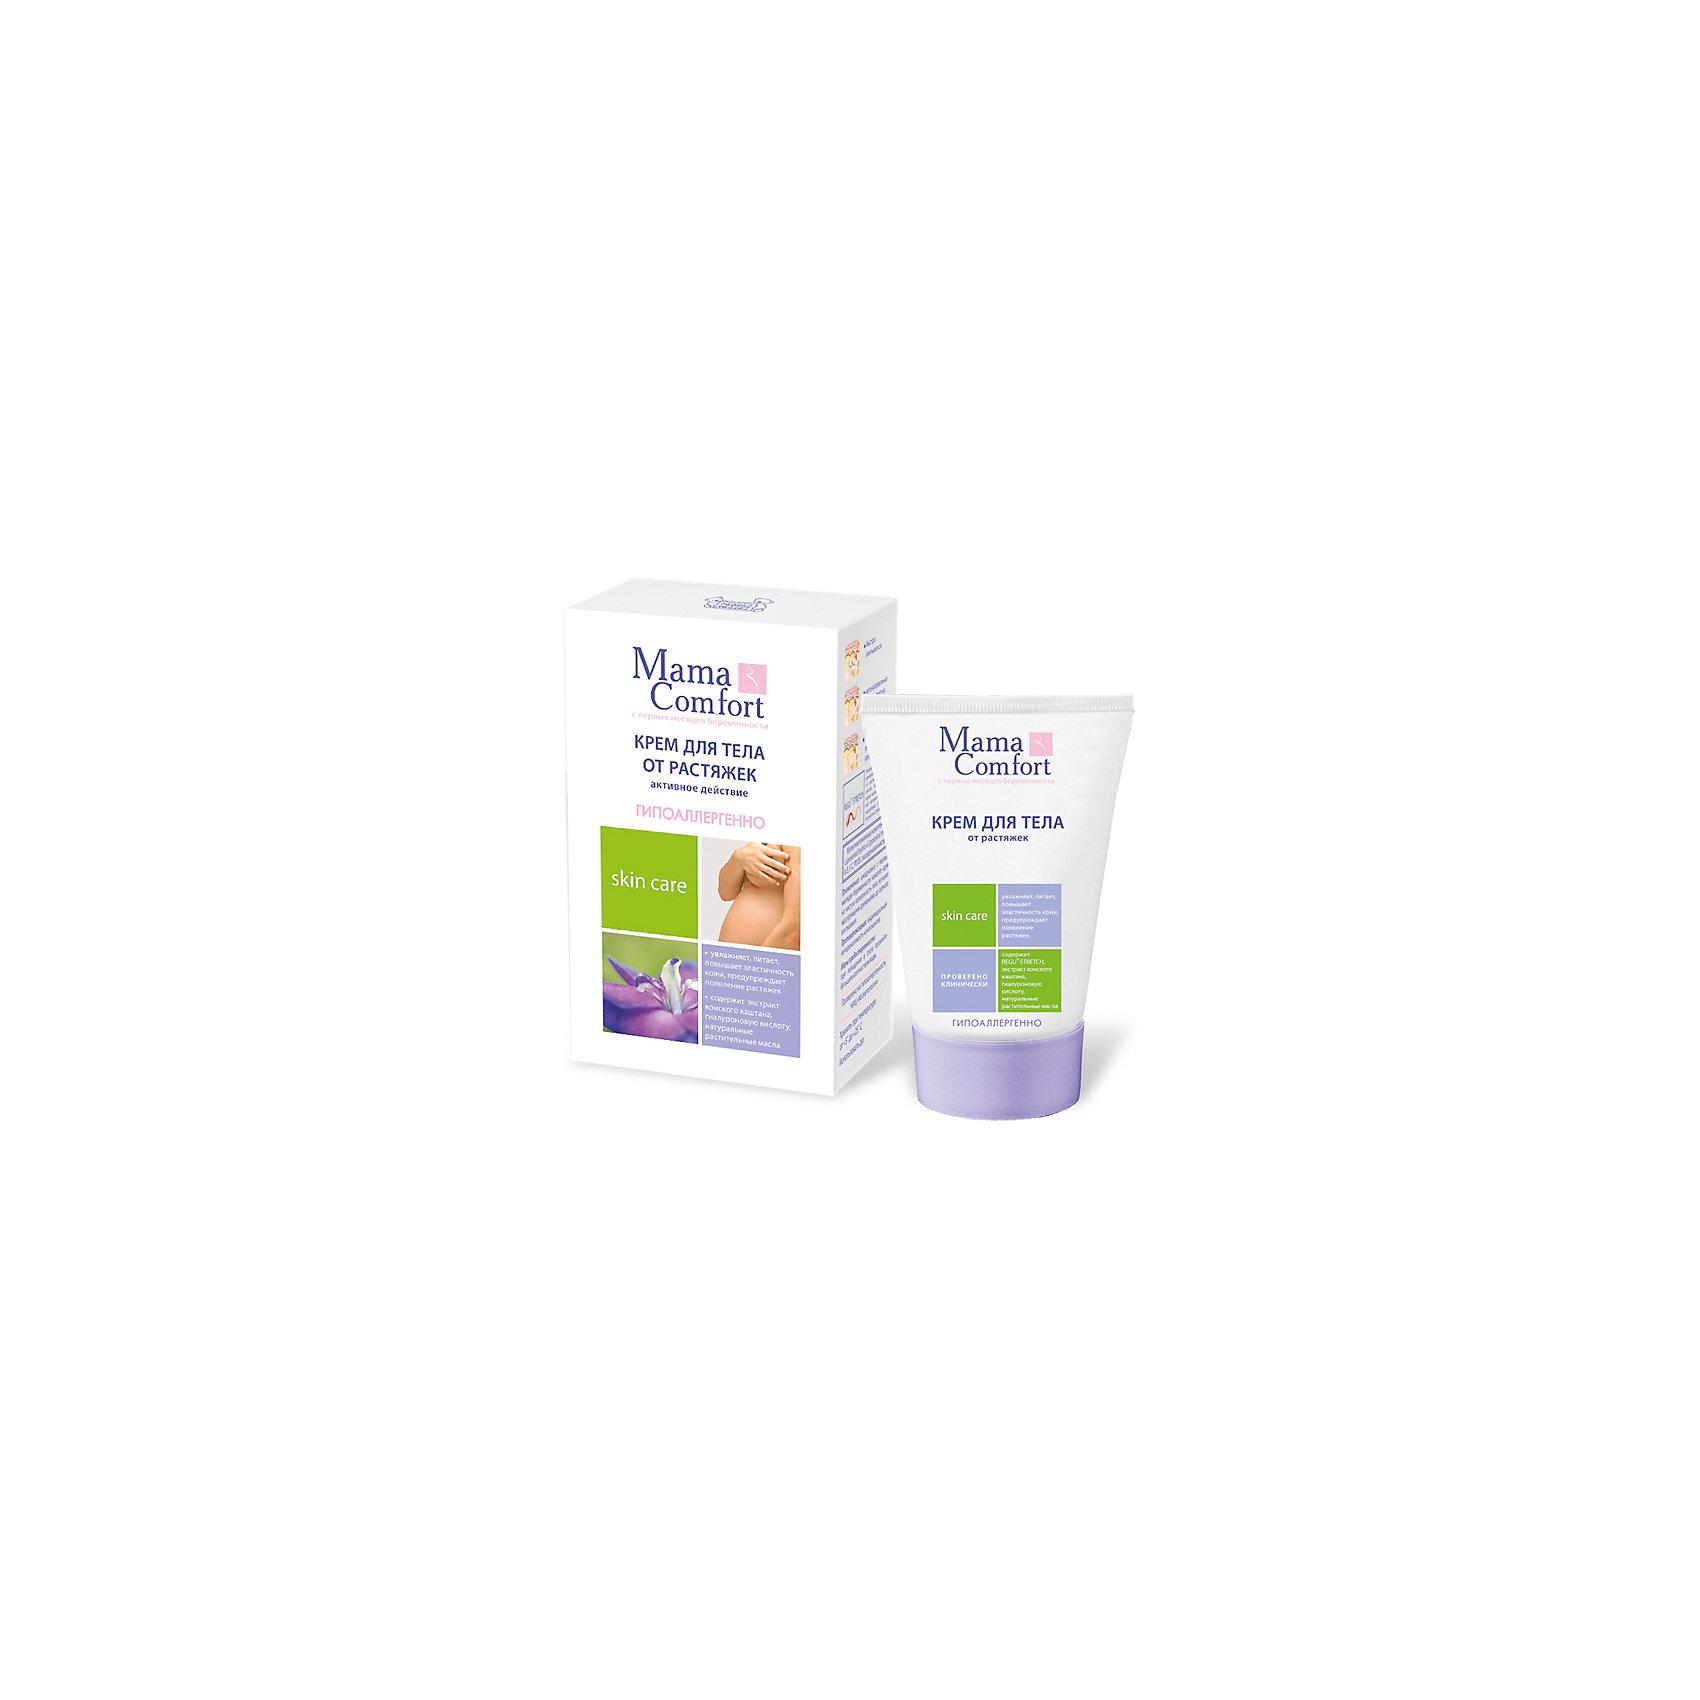 Крем для тела от растяжек COMFORT 100 мл., MAMAСредства для ухода<br>Сбалансированный комплекс витаминов, растительных экстрактов и масел, которые входят  в состав крема, интенсивно питают, увлажняют и повышают эластичность и упругость кожи в период беременности.<br>Входящий в состав крема инновационный комплекс поможет  восстановить нарушенную структуру  коллагеновых и эластиновых волокон в проблемных зонах.<br>Гиалуроновая кислота оказывает продолжительное увлажняющее действие, удерживая воду в межклеточном пространстве кожного покрова.<br>Ежедневное применение крема в течение беременности и в после родовой период нормализует состояние кожи, предупреждает появление растяжек, способствует уменьшению размера уже существующих.<br><br> Дополнительная информация: <br><br>- состав крема: <br>- экстракт конского каштана<br>- гиалуроновую кислоту.<br>- натуральные растительные масла.<br>- торговая марка: : Mama Comfort<br>- страна изготовления:  Россия<br><br>Крем для тела от растяжек Comfort 100 мл.,  можно купить в нашем интернет-магазине.<br><br>Ширина мм: 250<br>Глубина мм: 150<br>Высота мм: 150<br>Вес г: 150<br>Возраст от месяцев: -2147483648<br>Возраст до месяцев: 2147483647<br>Пол: Унисекс<br>Возраст: Детский<br>SKU: 4801611